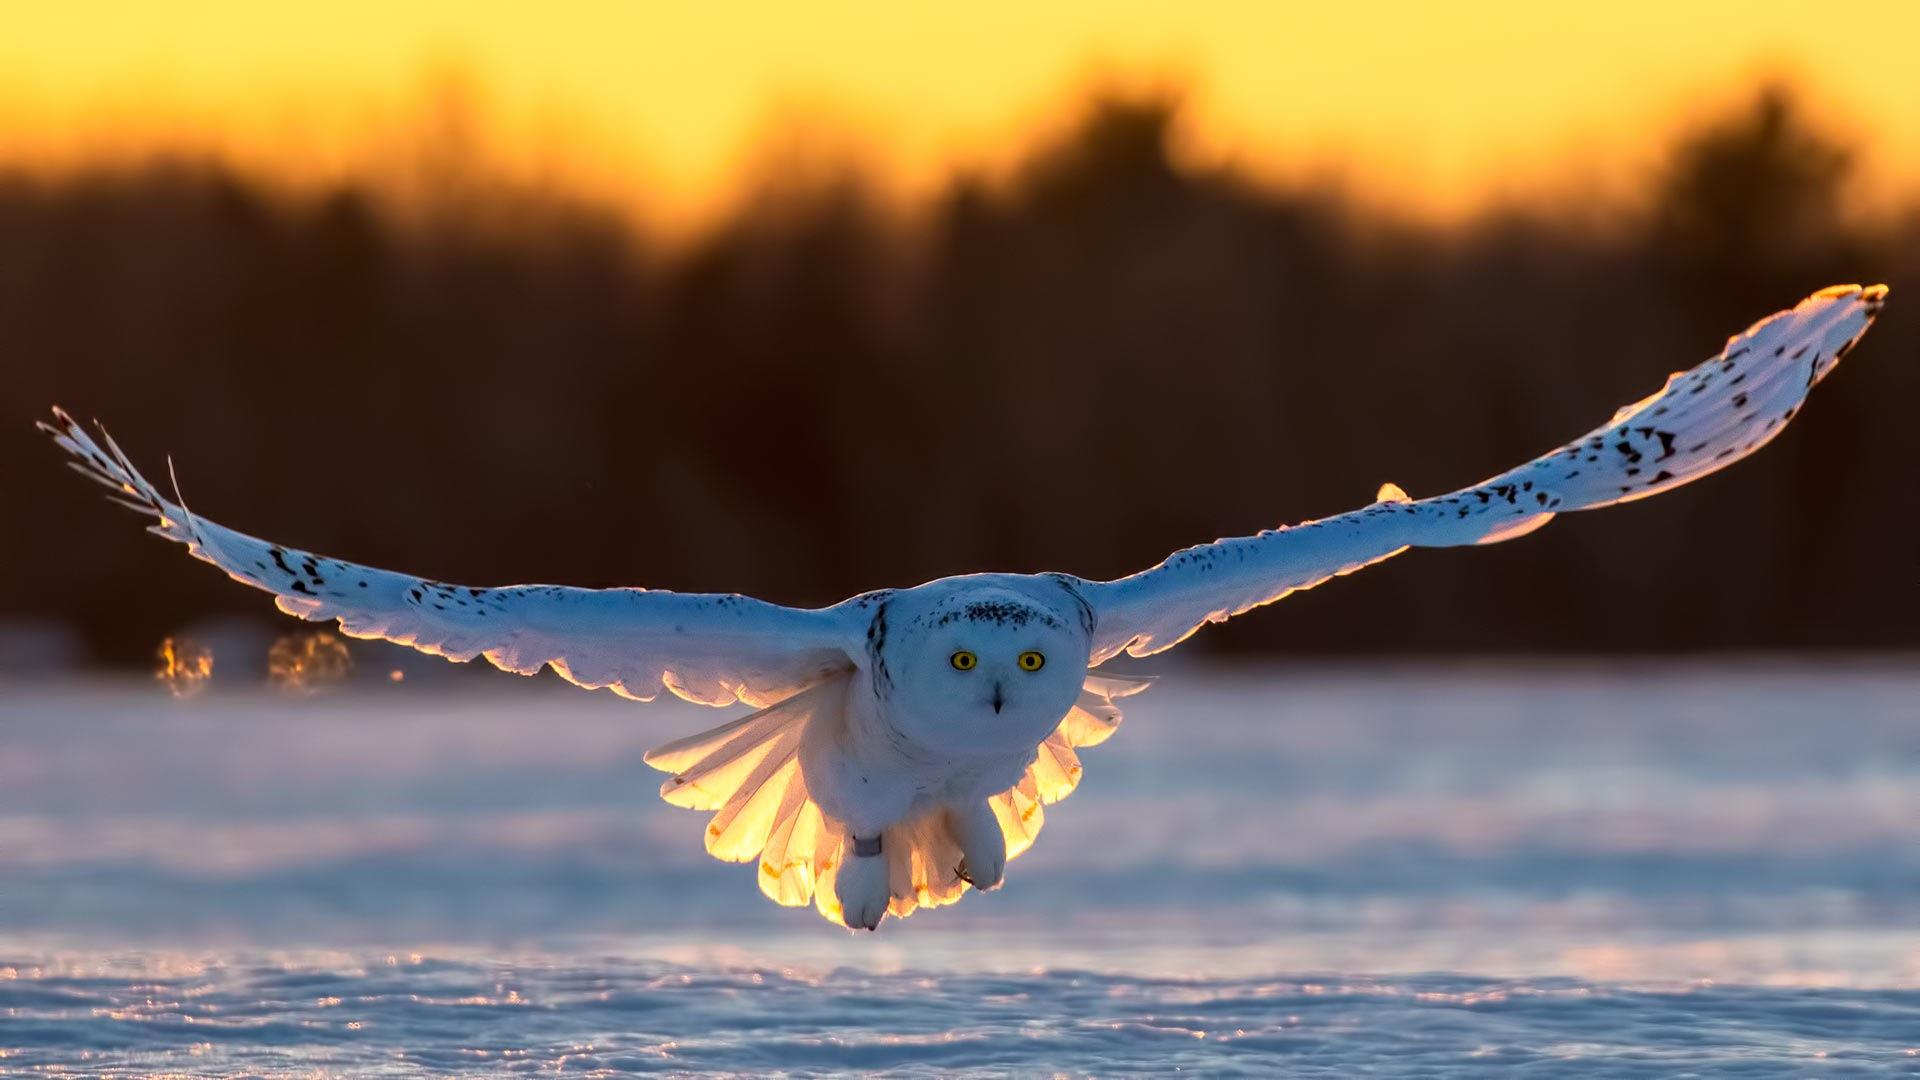 Snowy owl by ihsan çiçek